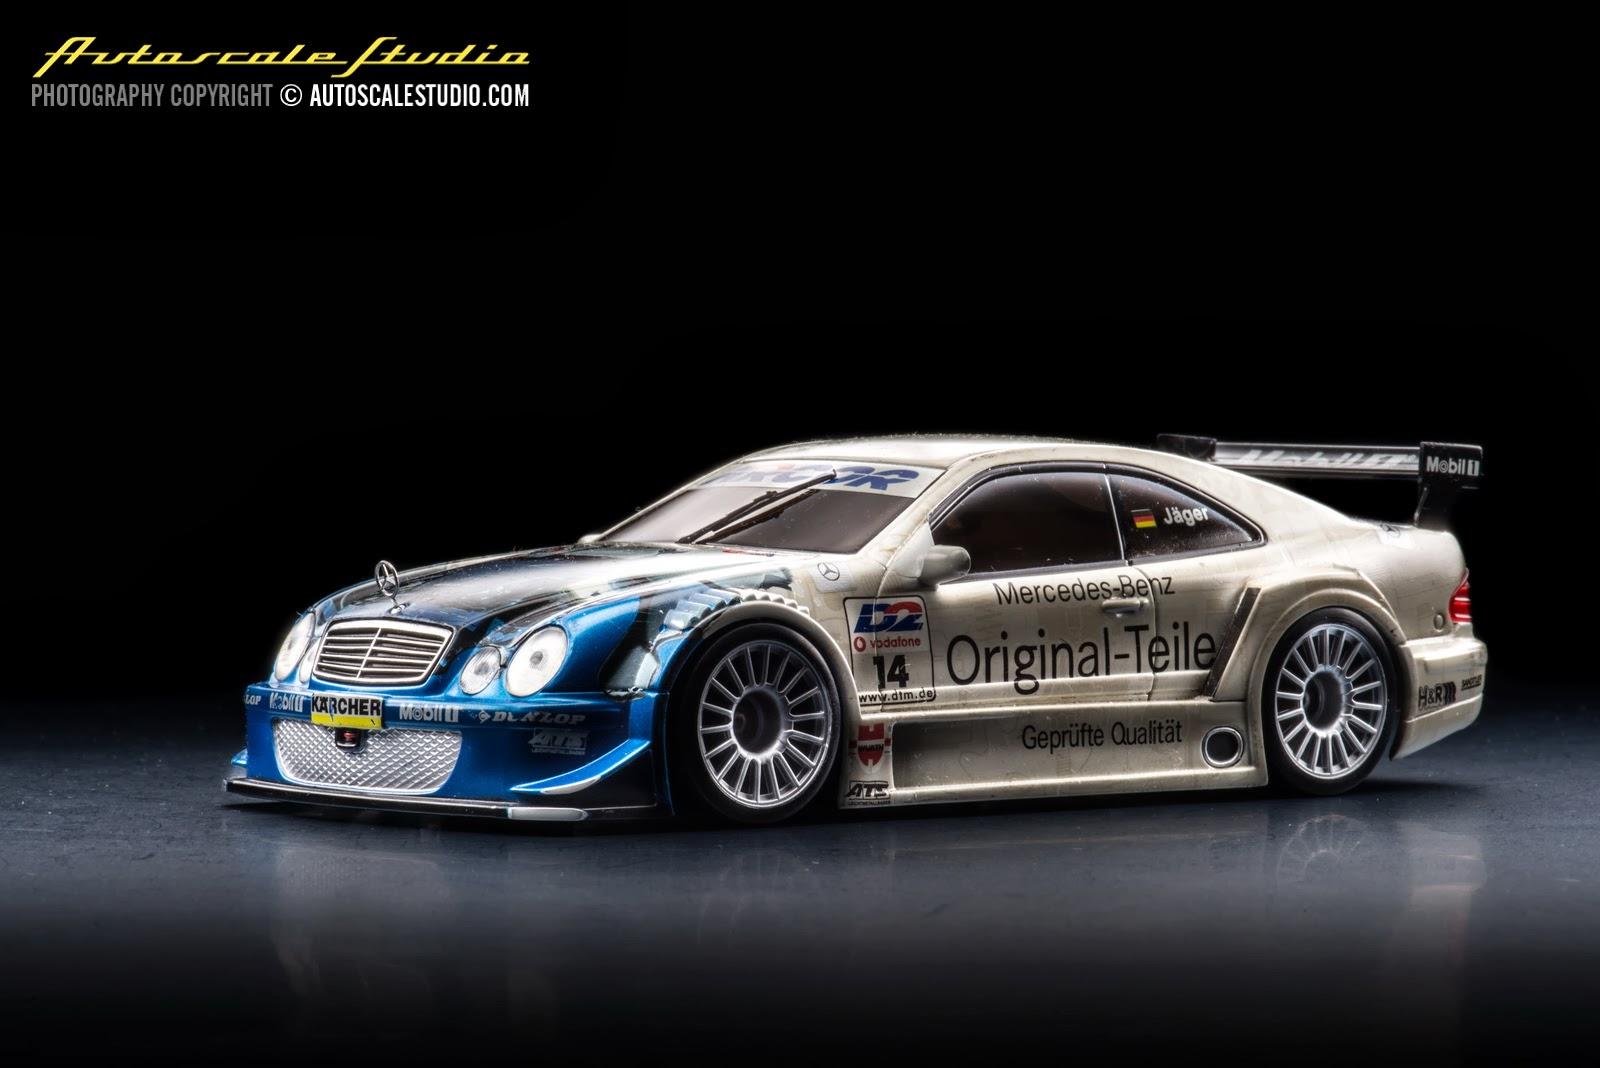 Mzc12ot original teile mercedes clk dtm 2000 for Mercedes benz original